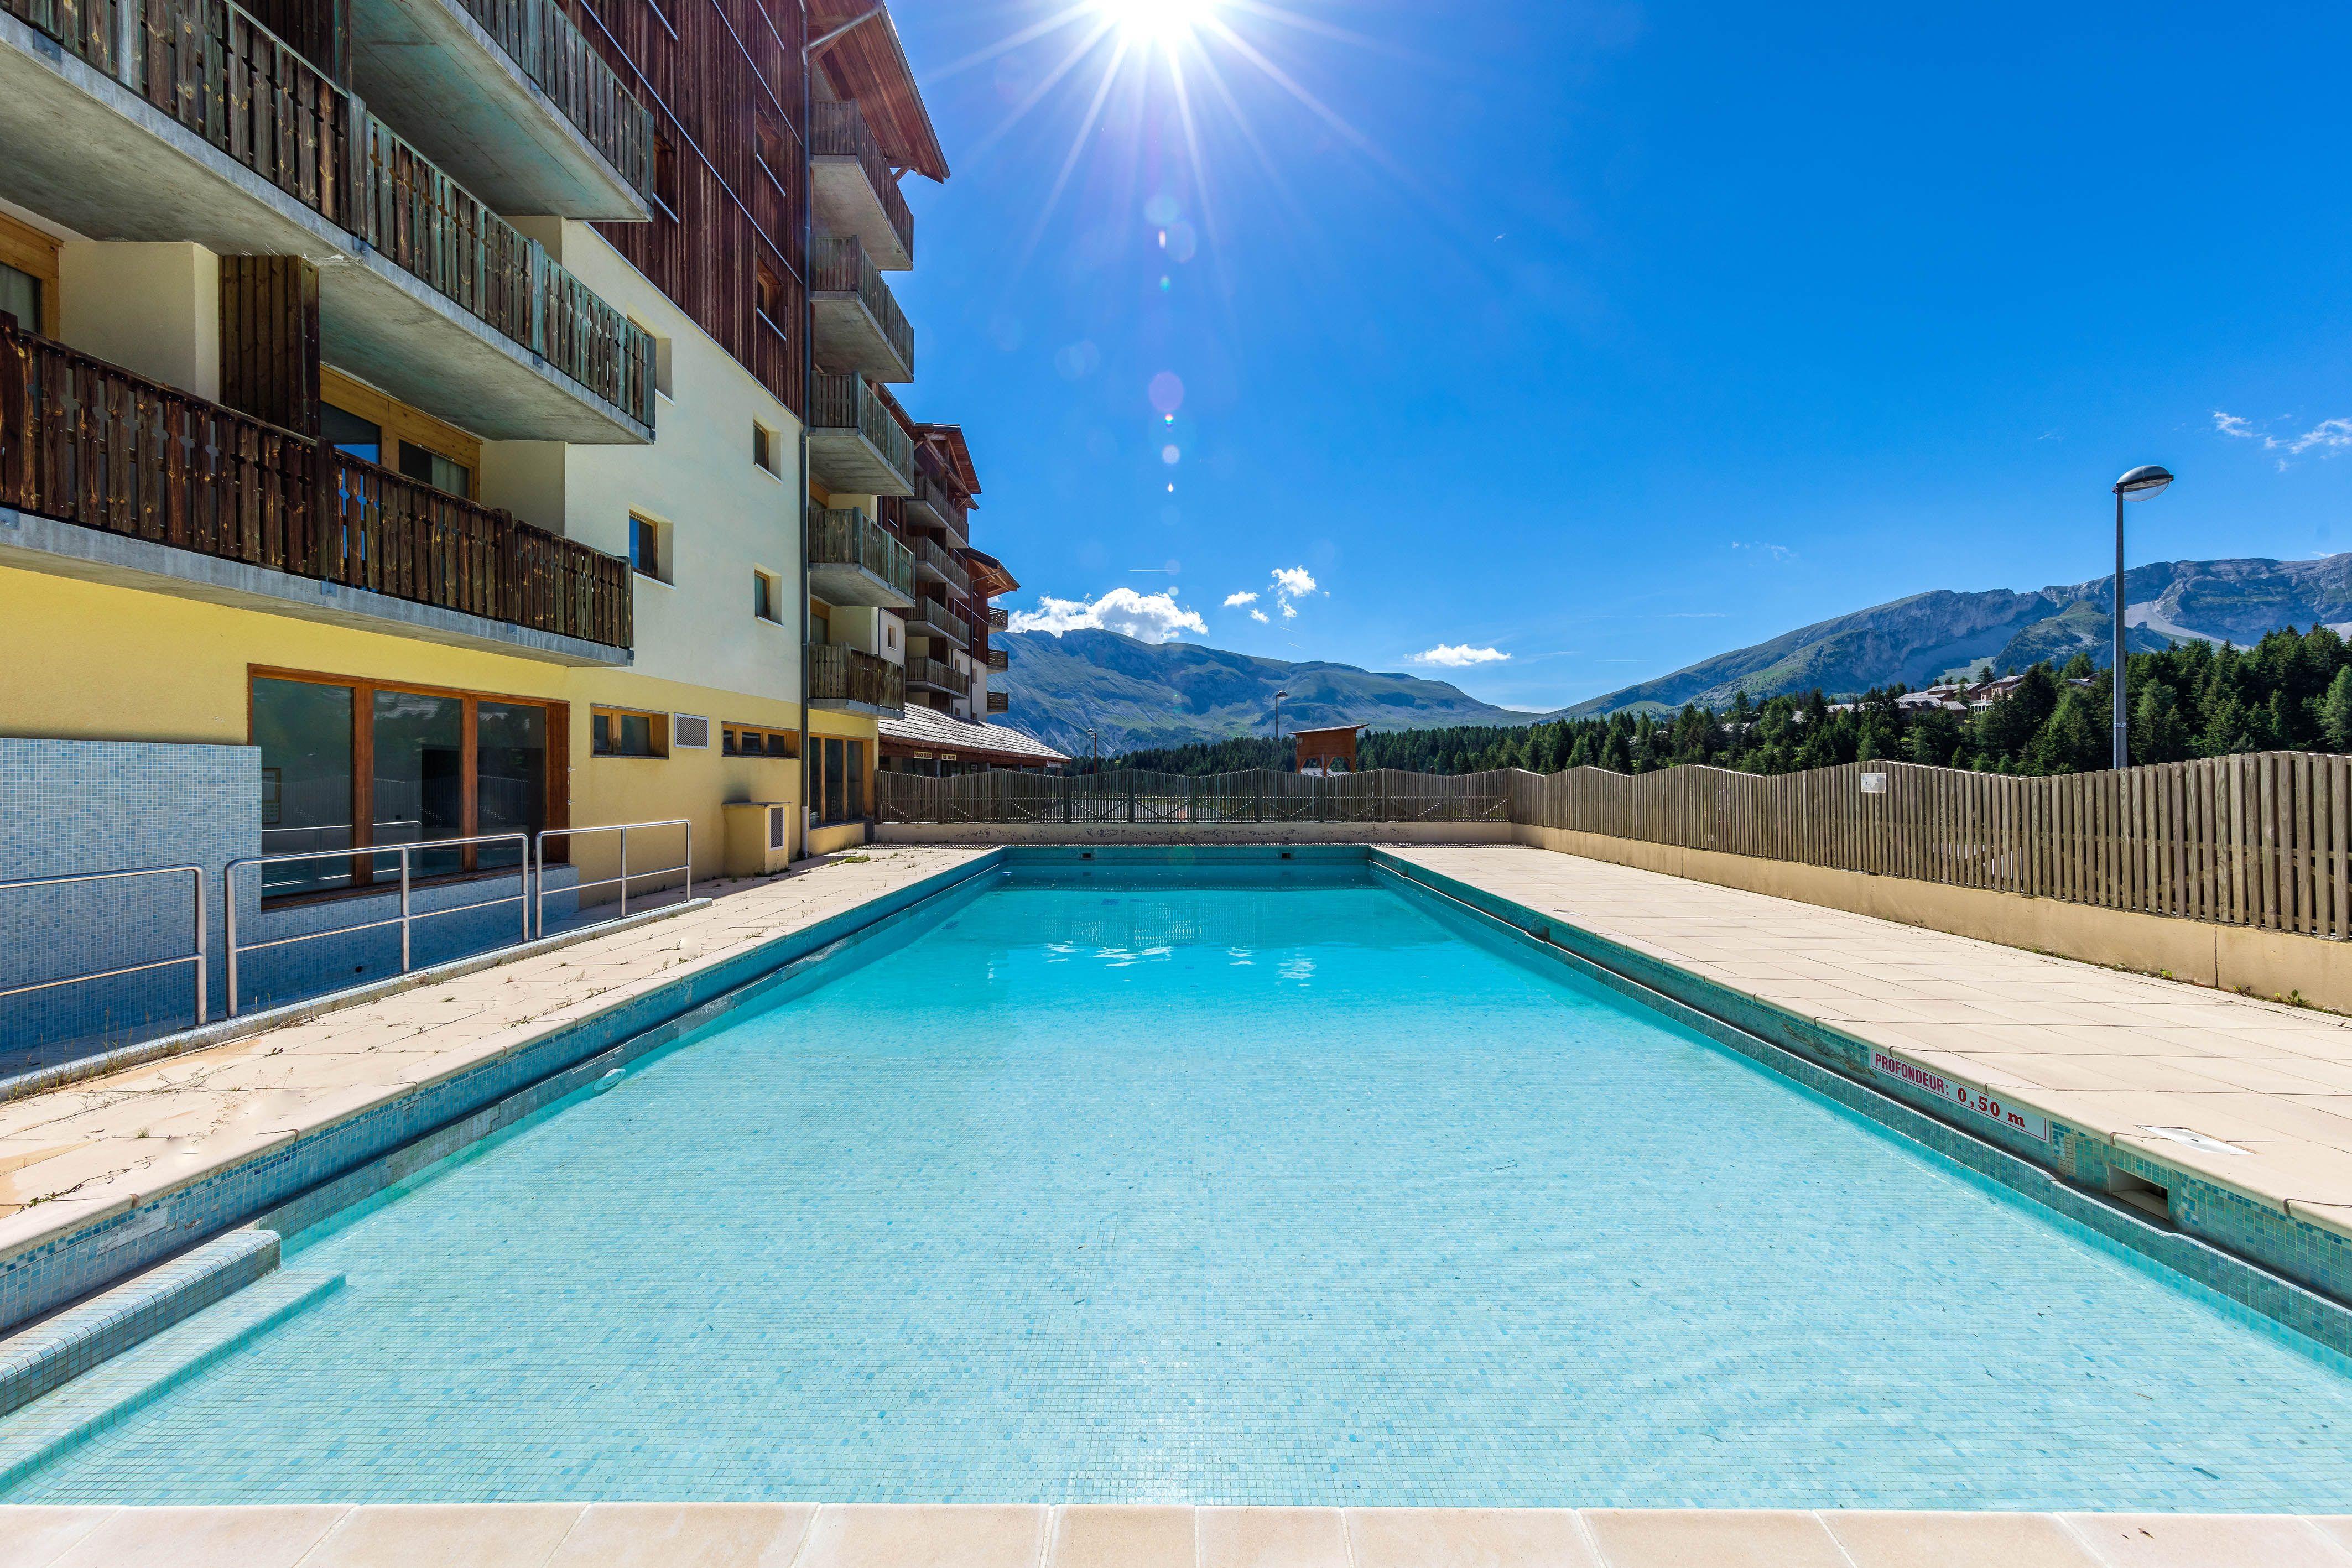 Une r sidence 3 toiles avec piscine robert palomba - Residence vacances var avec piscine ...